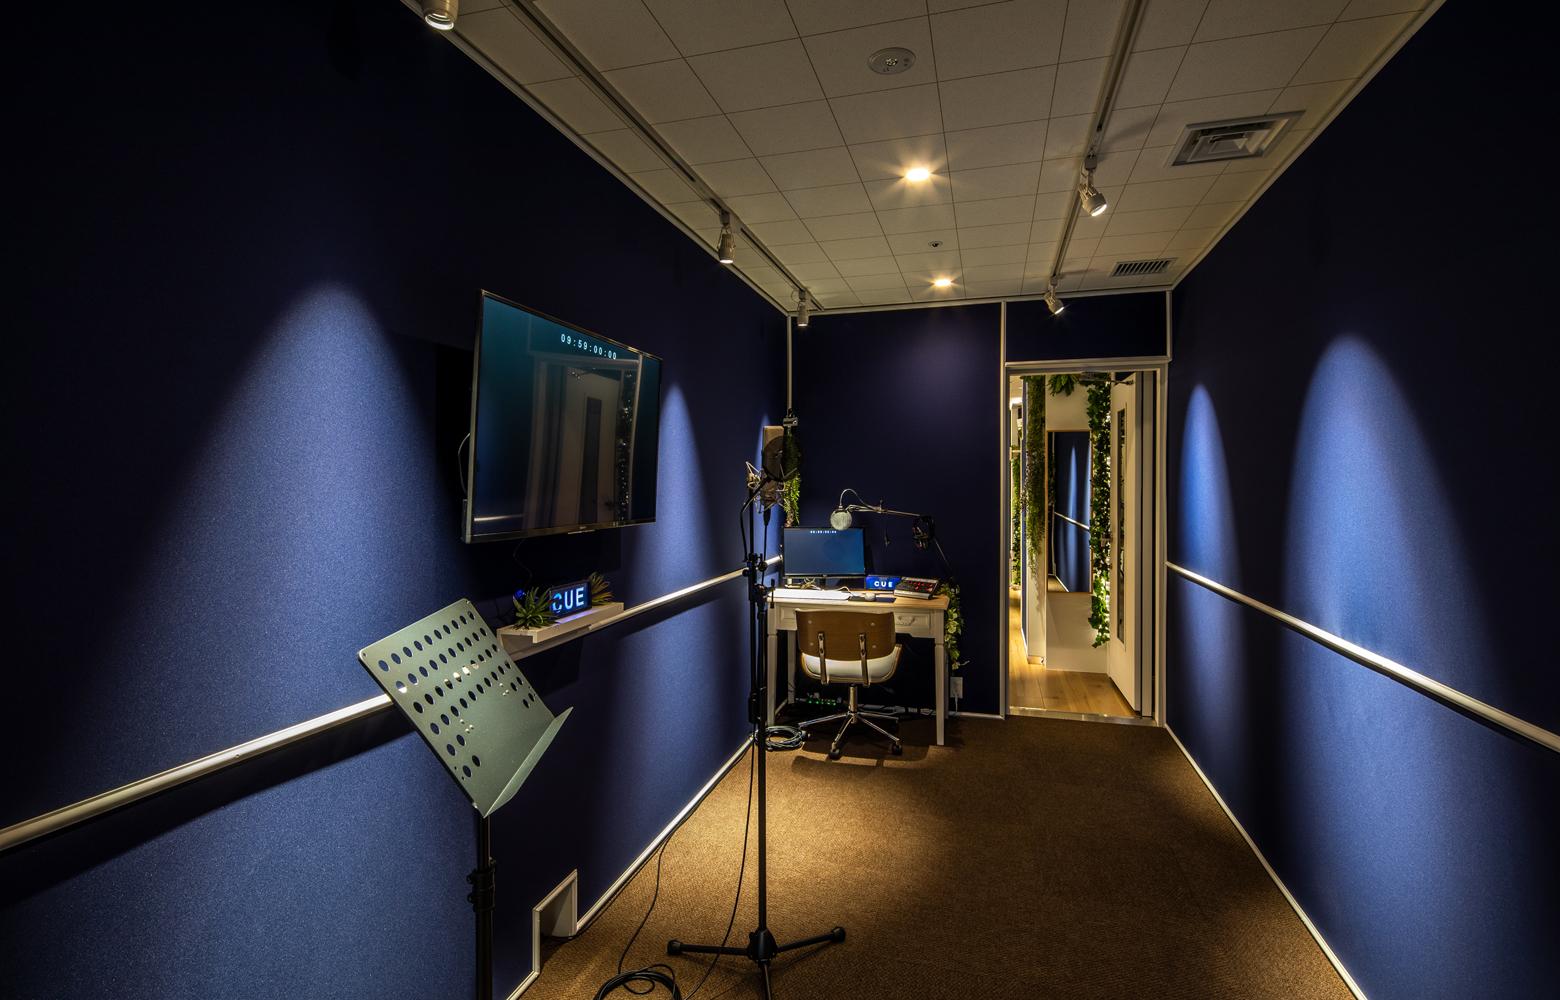 KLab株式会社 Roppongi Office Recording Studio デザイン・レイアウト事例